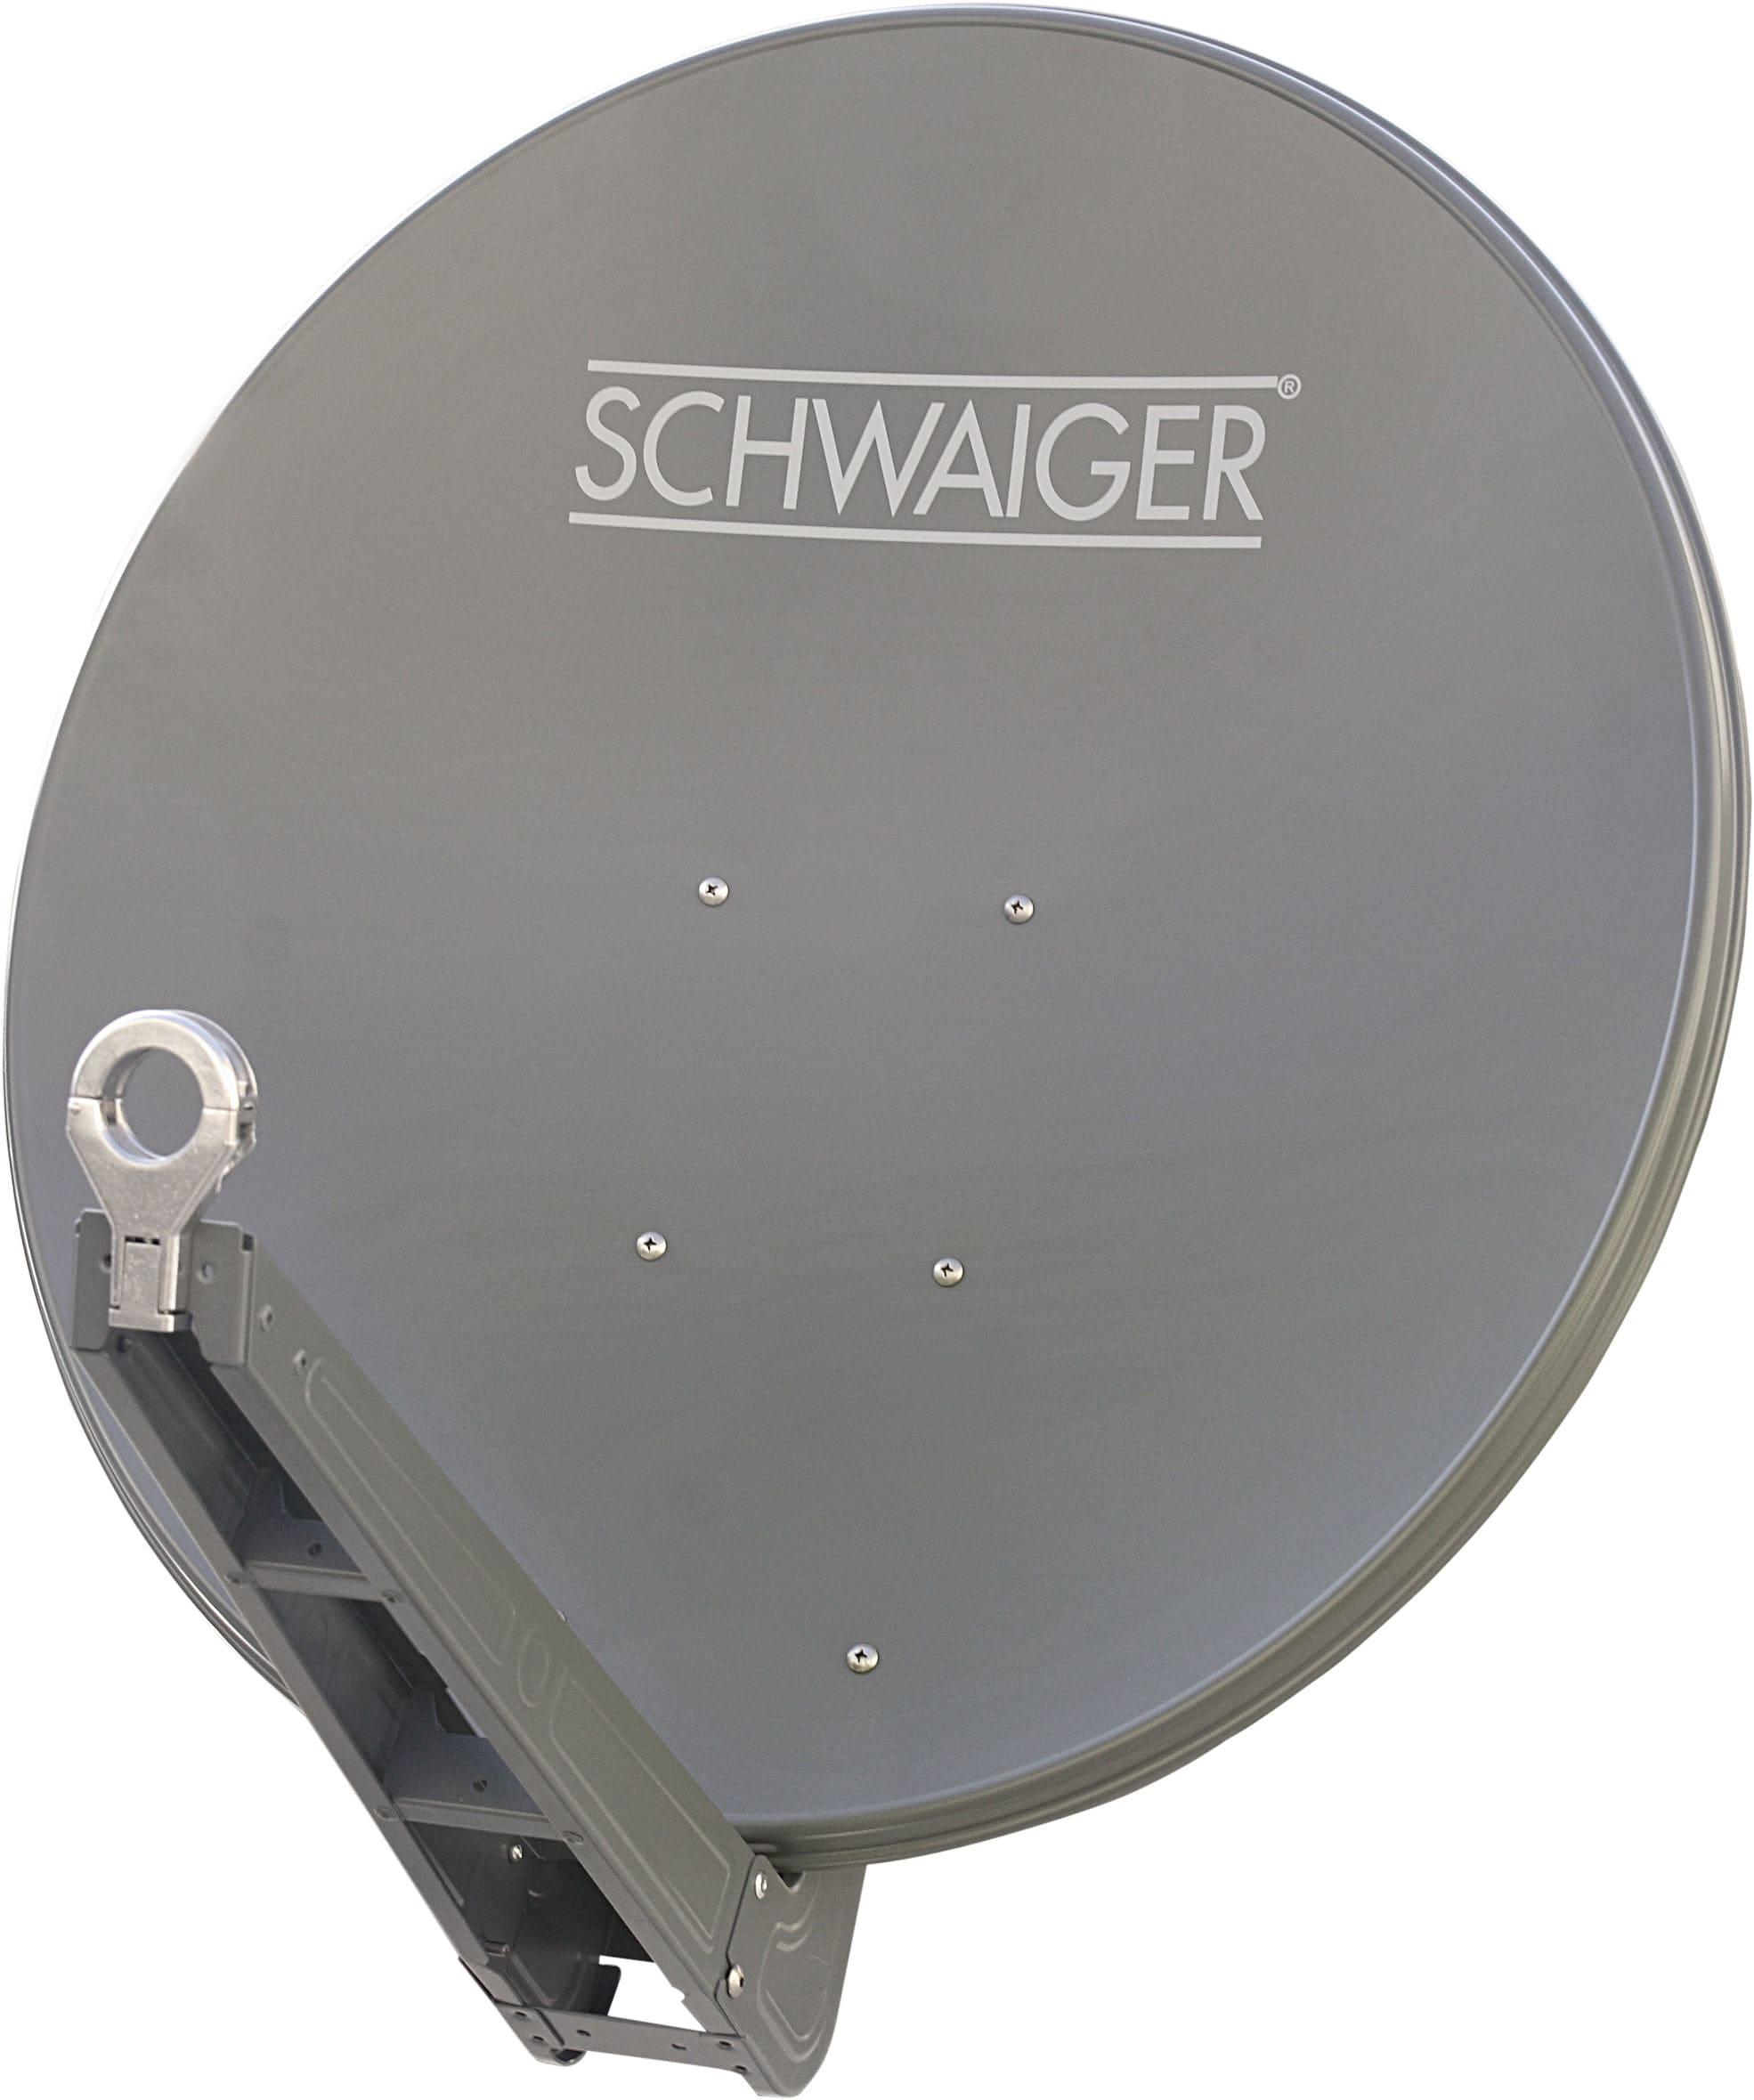 Schwaiger SPI085PA Satellitenantenne Alu-Spiegel 85cm Premiumklasse für 183,00 Euro